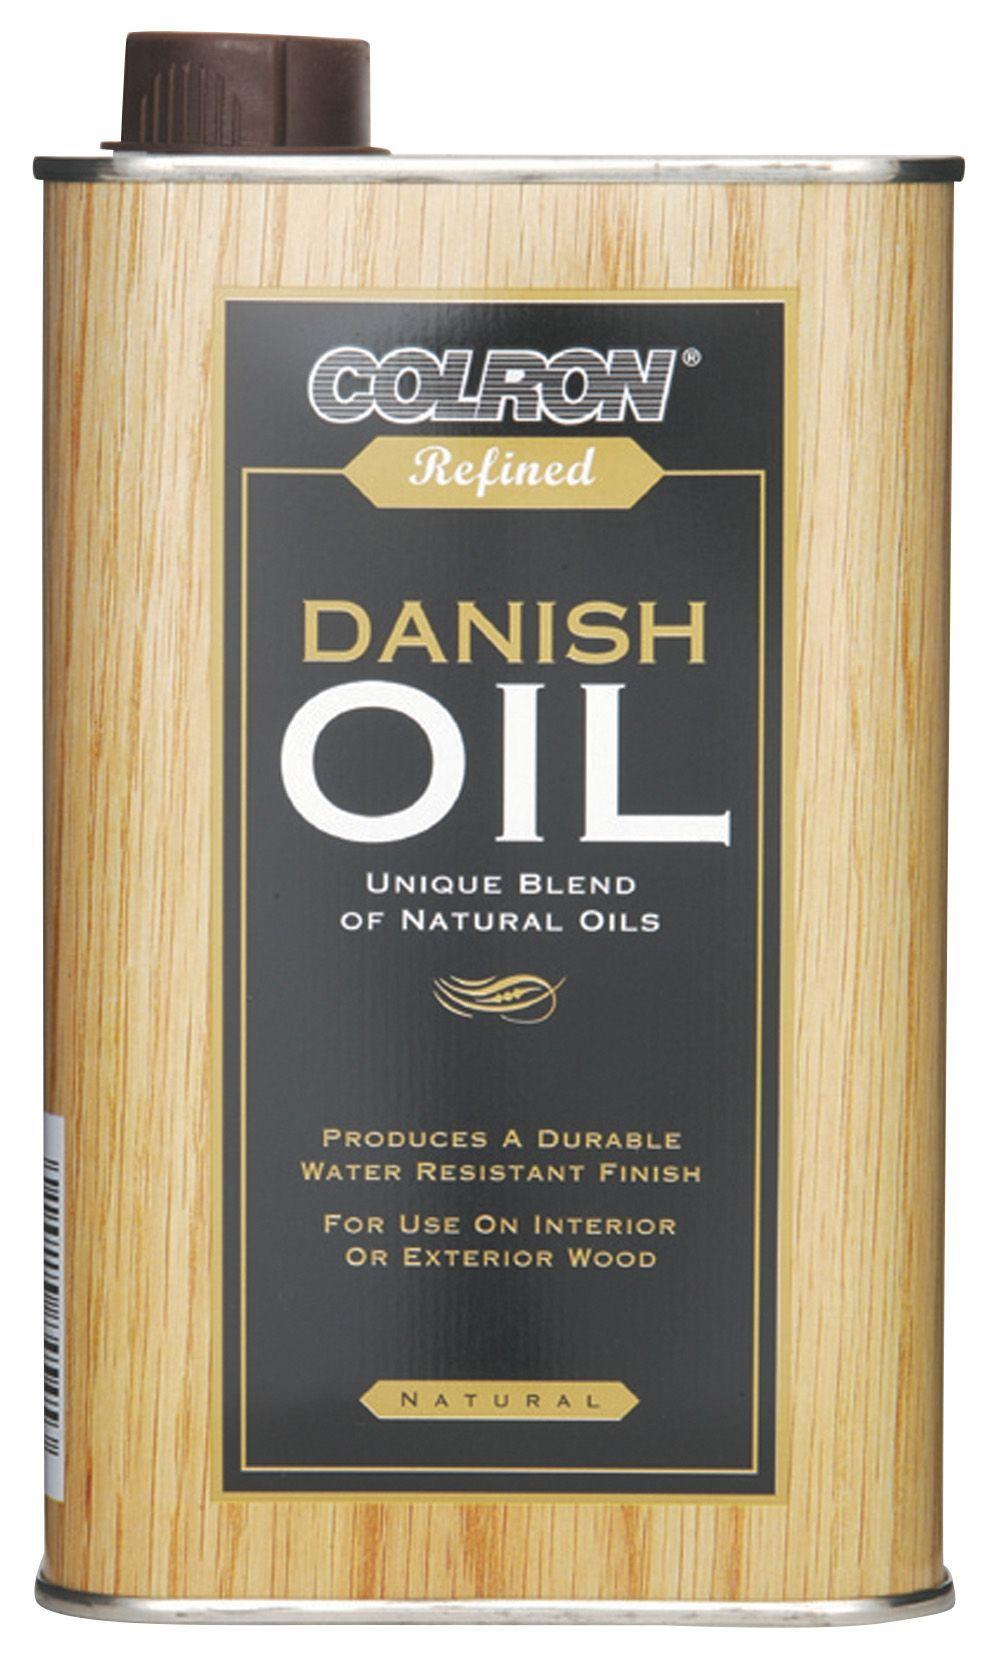 Colron Clear Danish Oil 05l Departments Diy At Bq